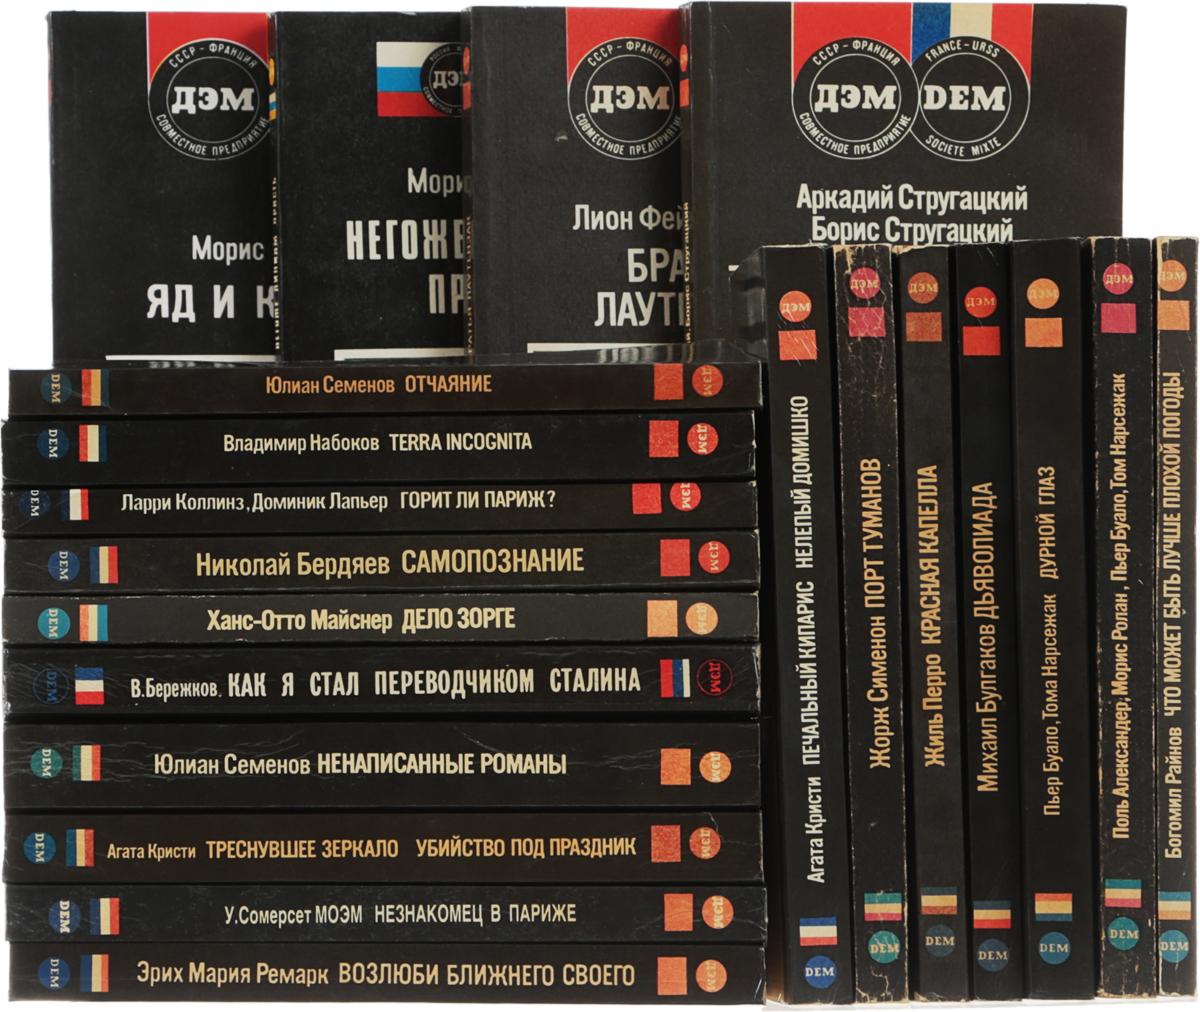 Книги издательства ДЭМ/DEM. СССР-Франция/FRANCE-USSR (комплект из 21 книги) электроные книги